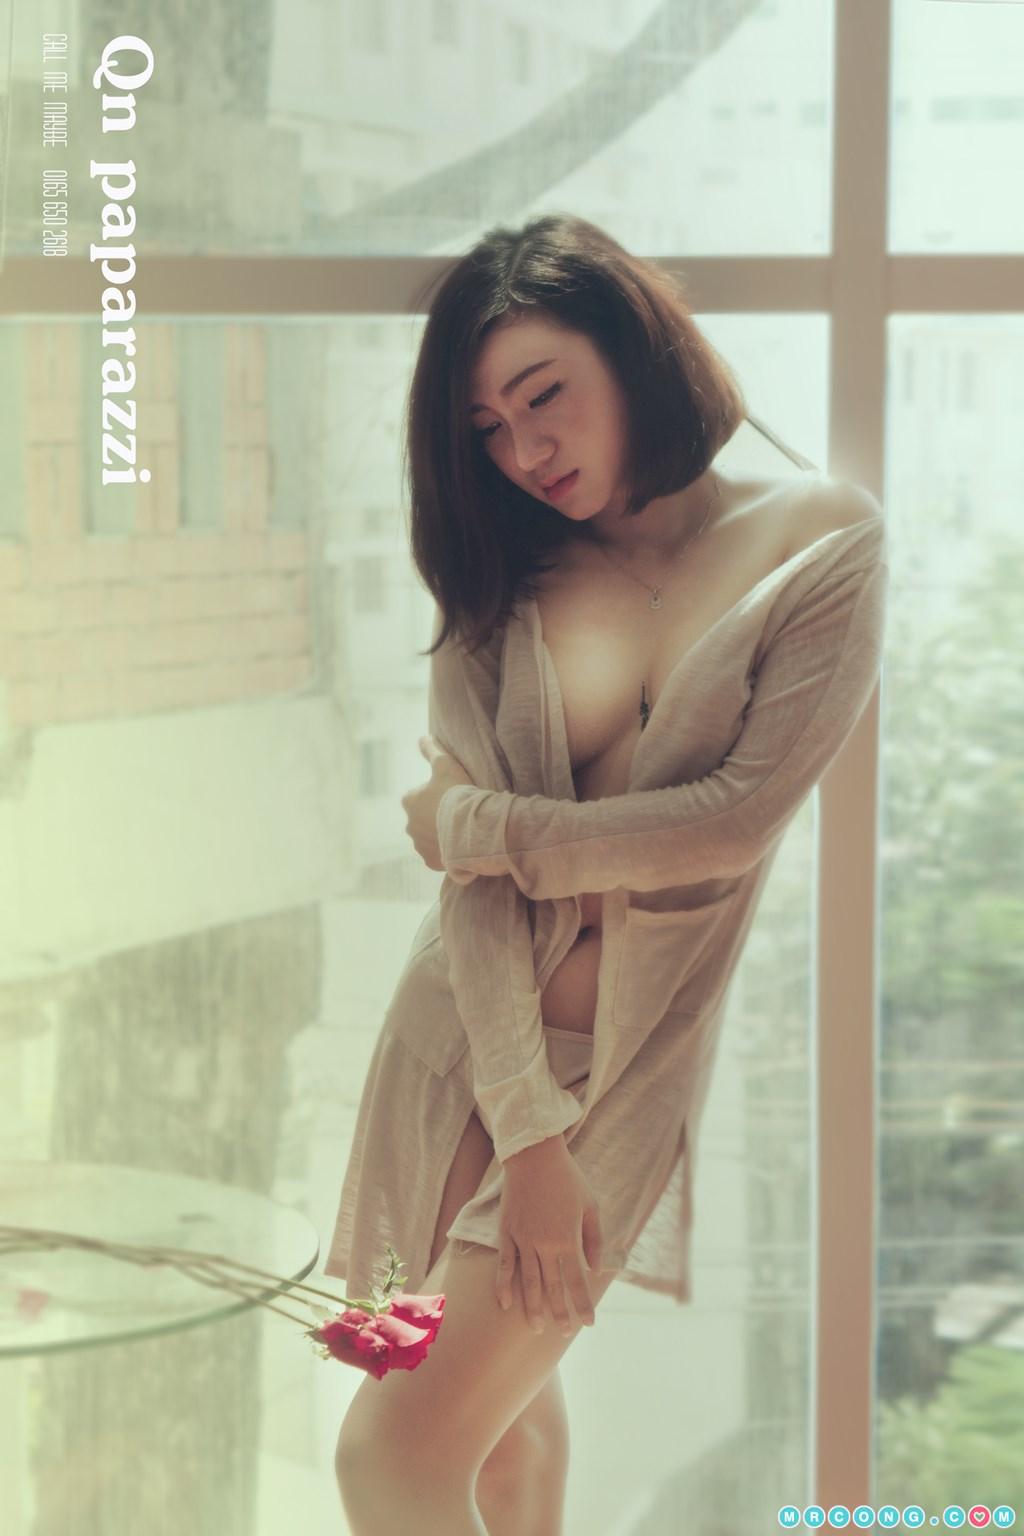 Image Girl-Xinh-Viet-Nam-by-TNQ-Part-1-MrCong.com-005 in post Tuyển tập gái Việt xinh và nóng bỏng chụp bởi Trần Ngọc Quang - Phần 1 (194 ảnh)